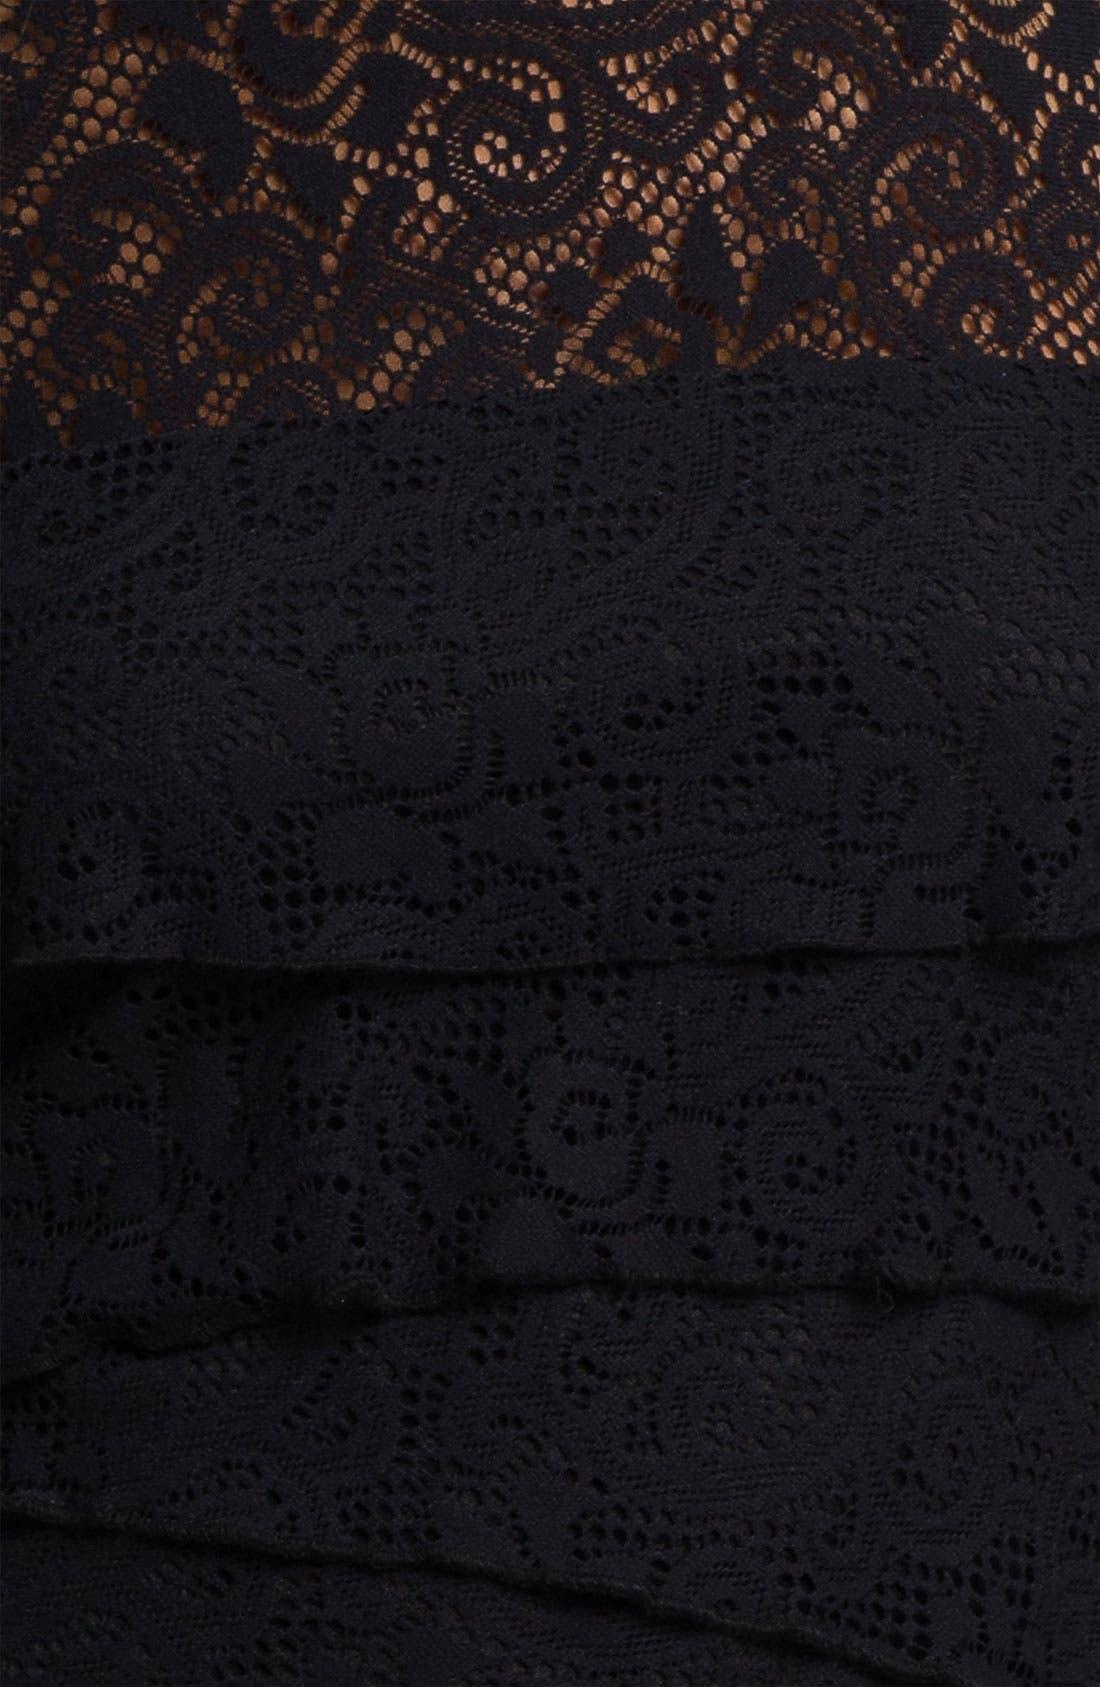 Alternate Image 3  - Laundry by Shelli Segal Illusion Yoke Tiered Lace Dress (Petite)